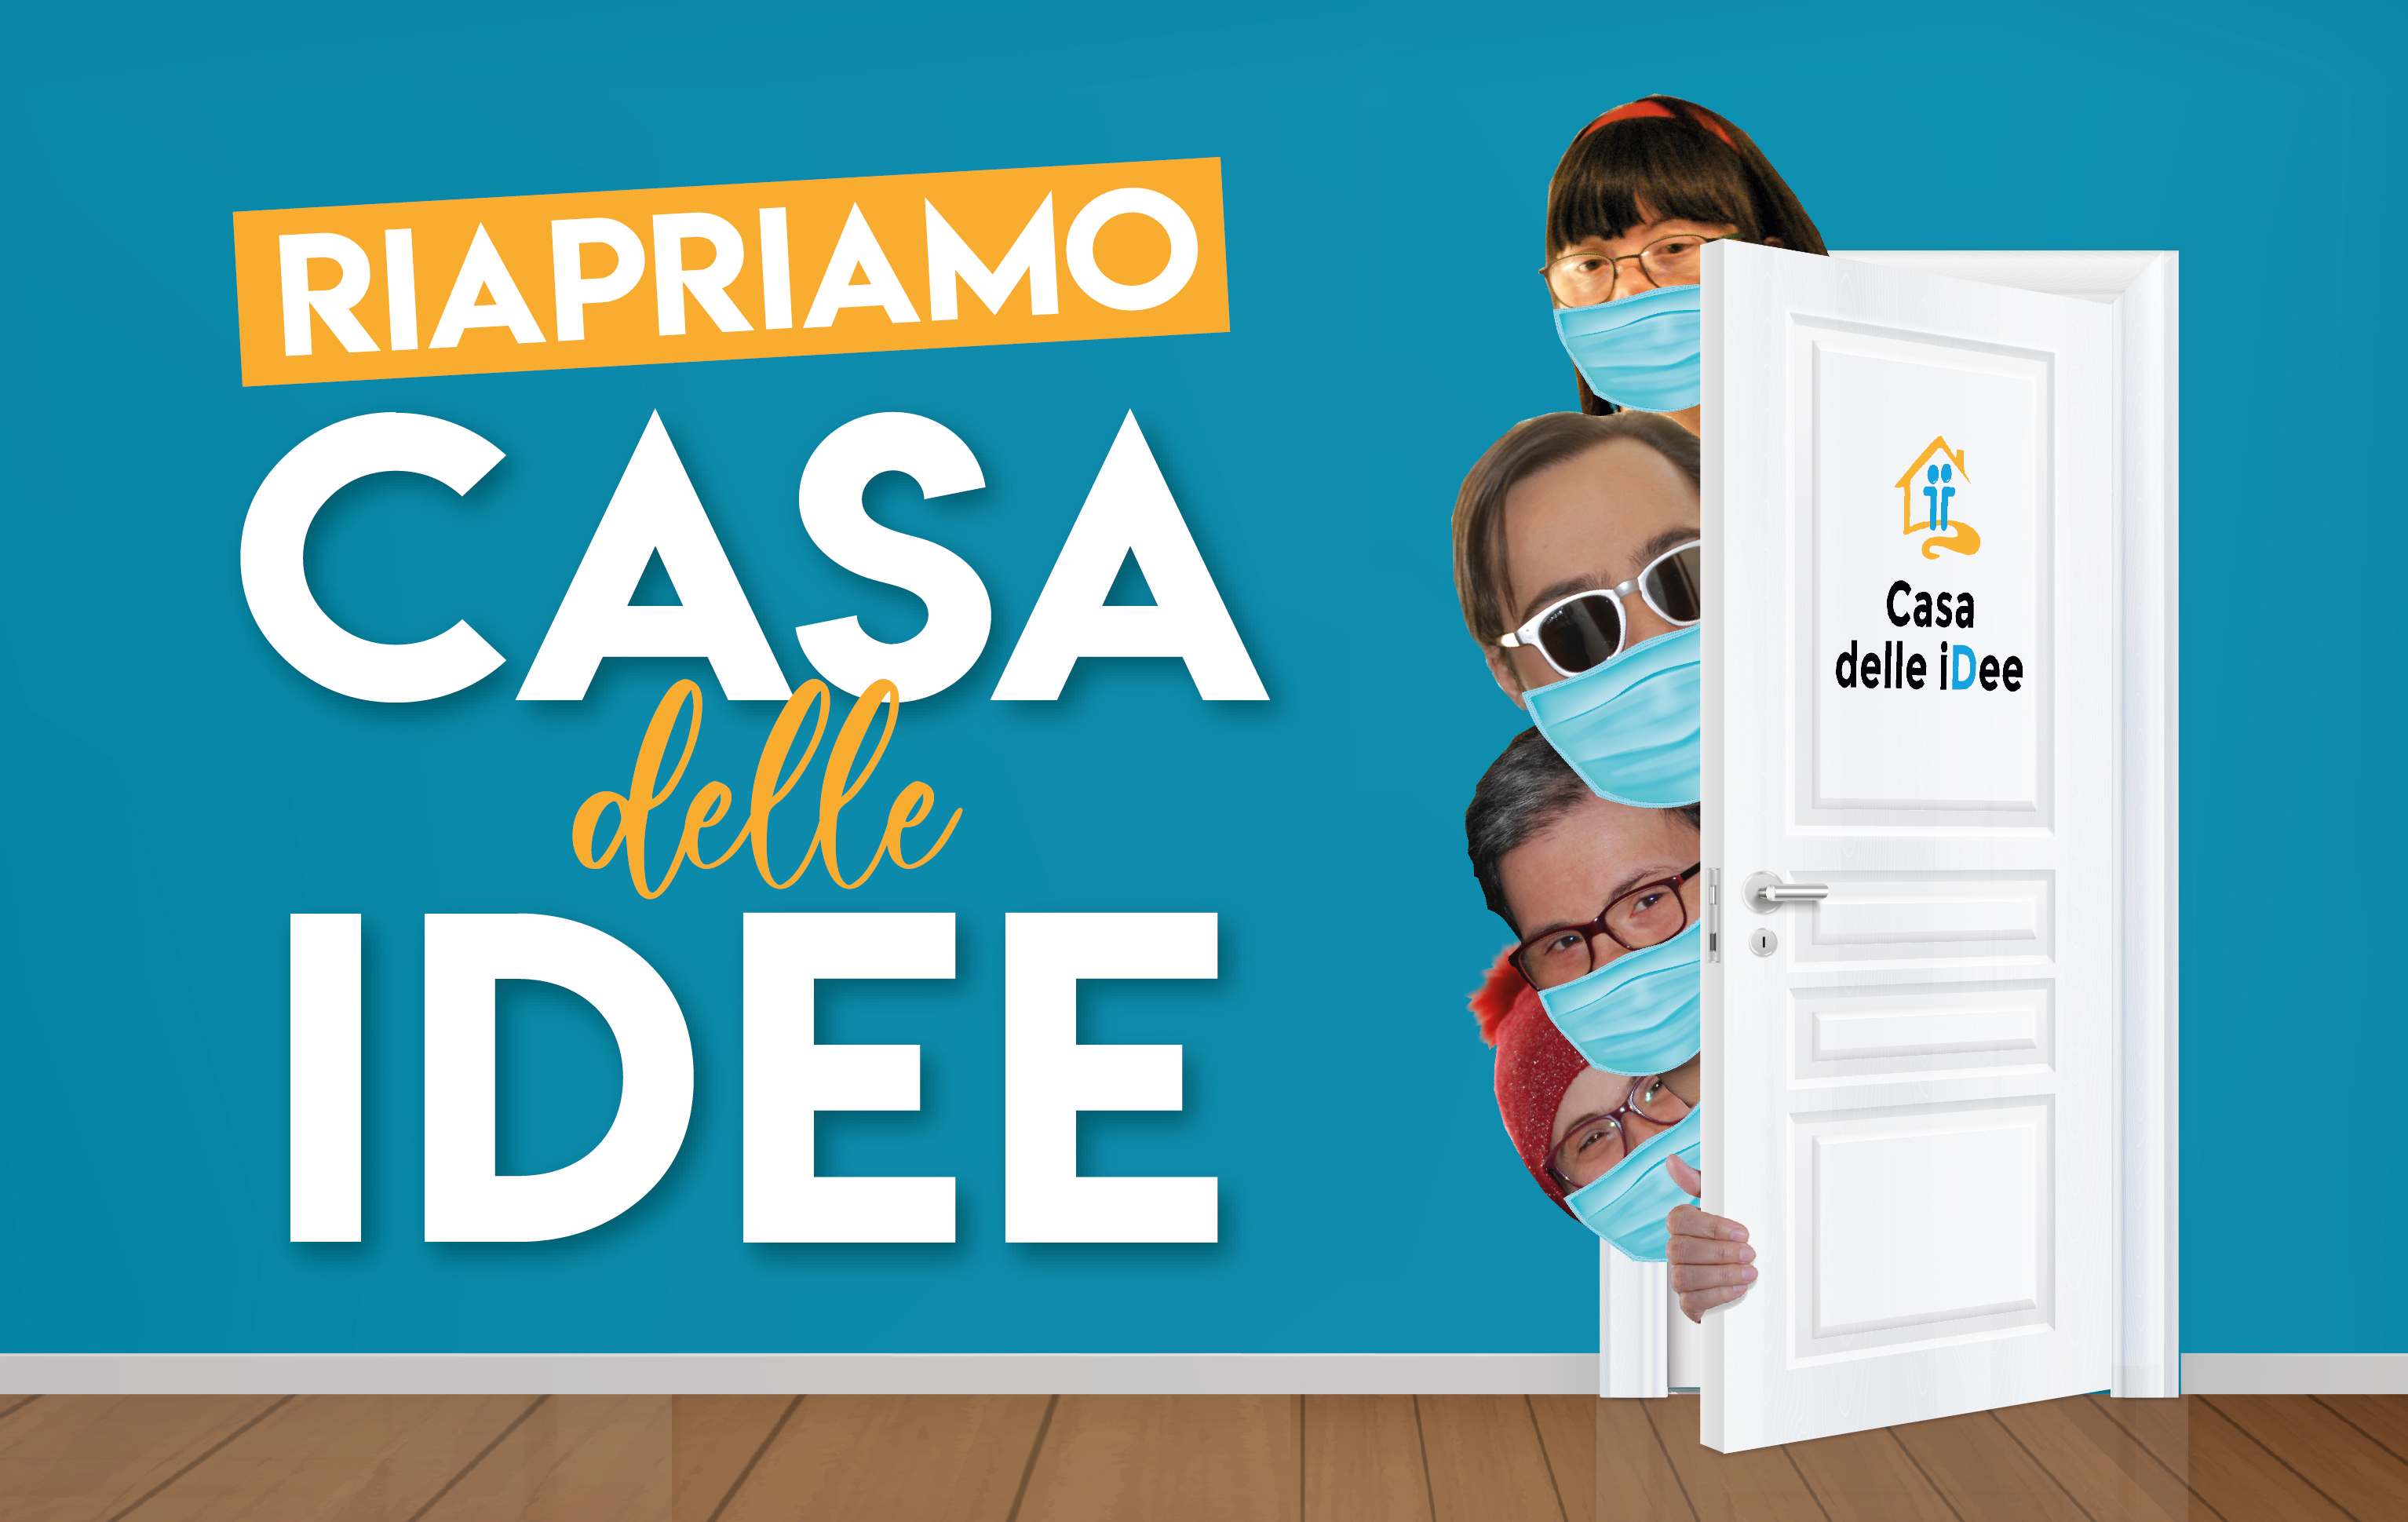 RIAPRIAMO CASA DELLE IDEE